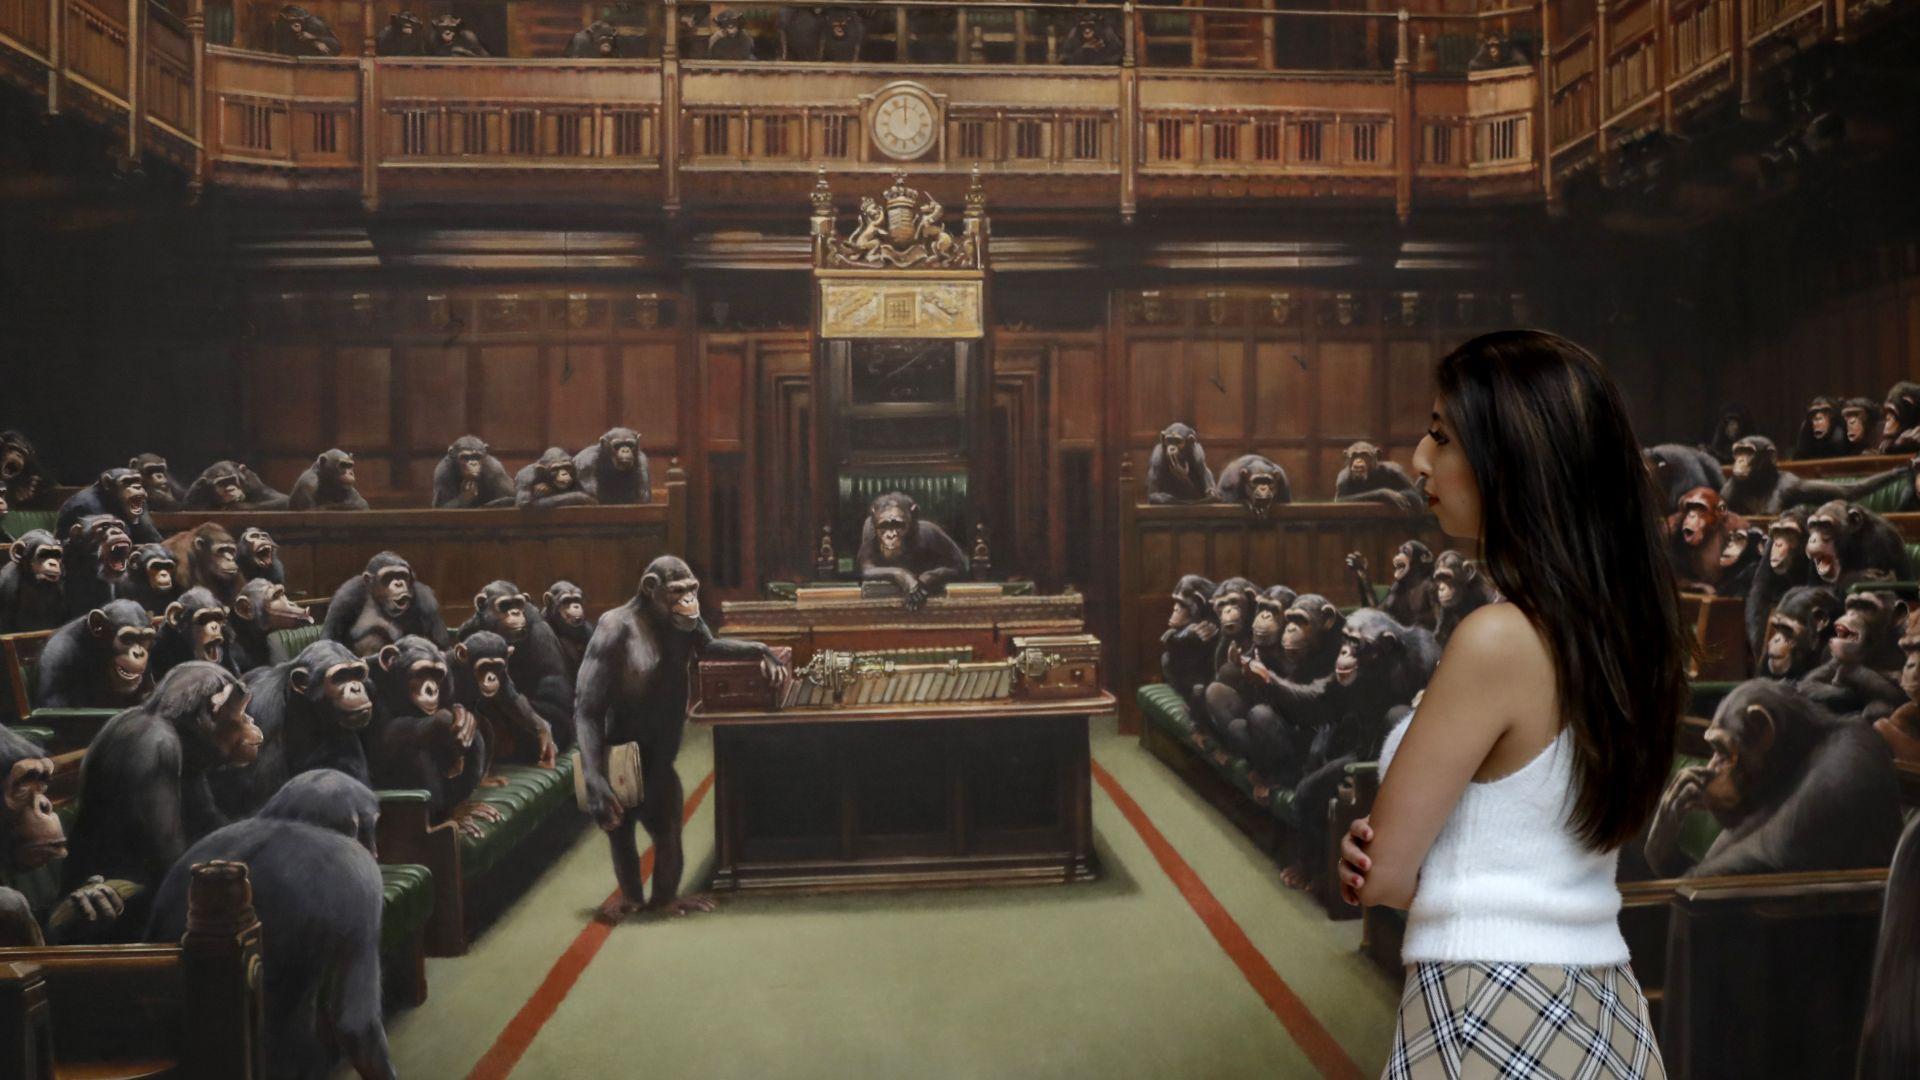 Купиха картината с шимпанзета в британския парламент за рекордните $12 млн.